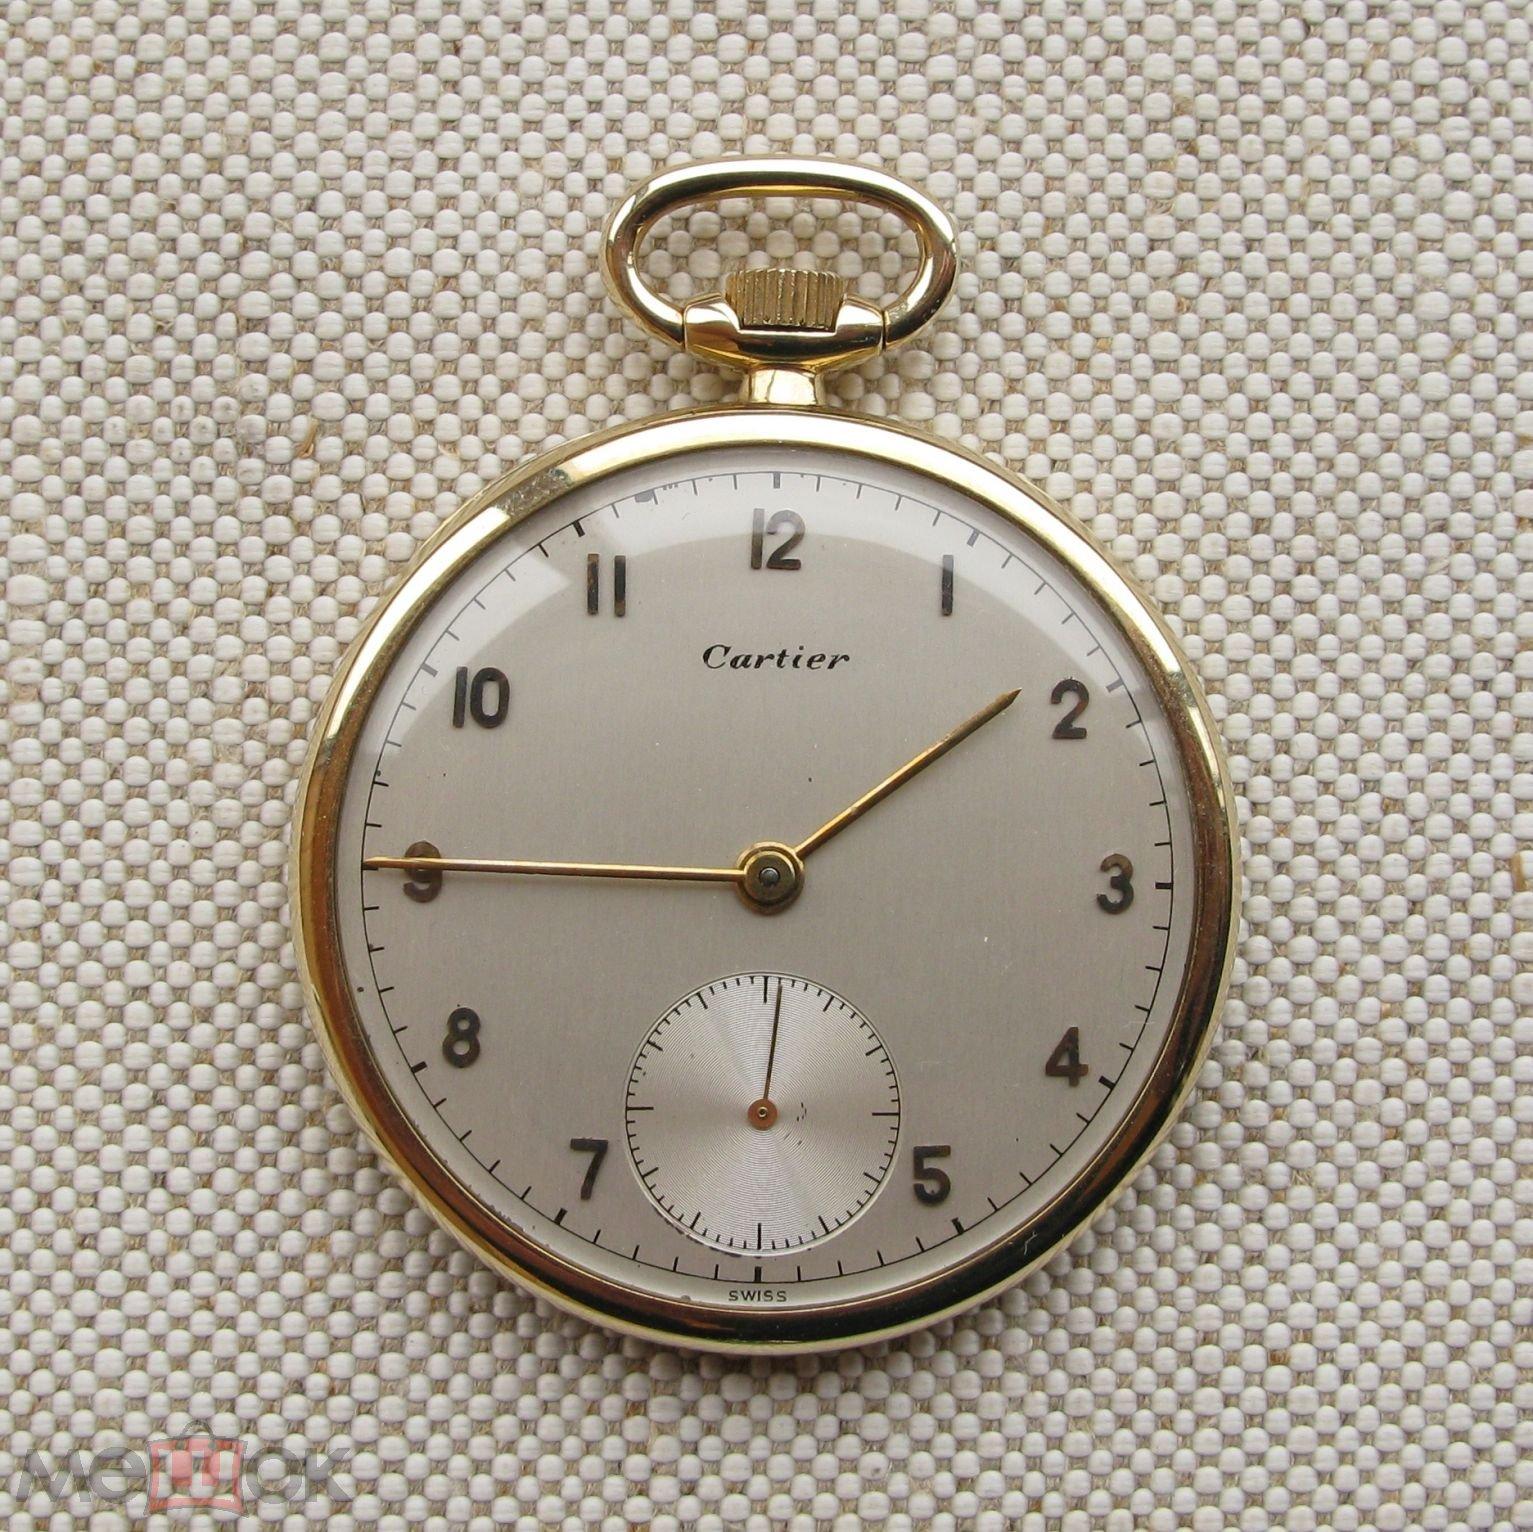 Карманные часы, CARTIER,  CONCORD WATCH Co. , золото 585 проба, калибр 181А, 41.6 грамма, 42.5мм. 19